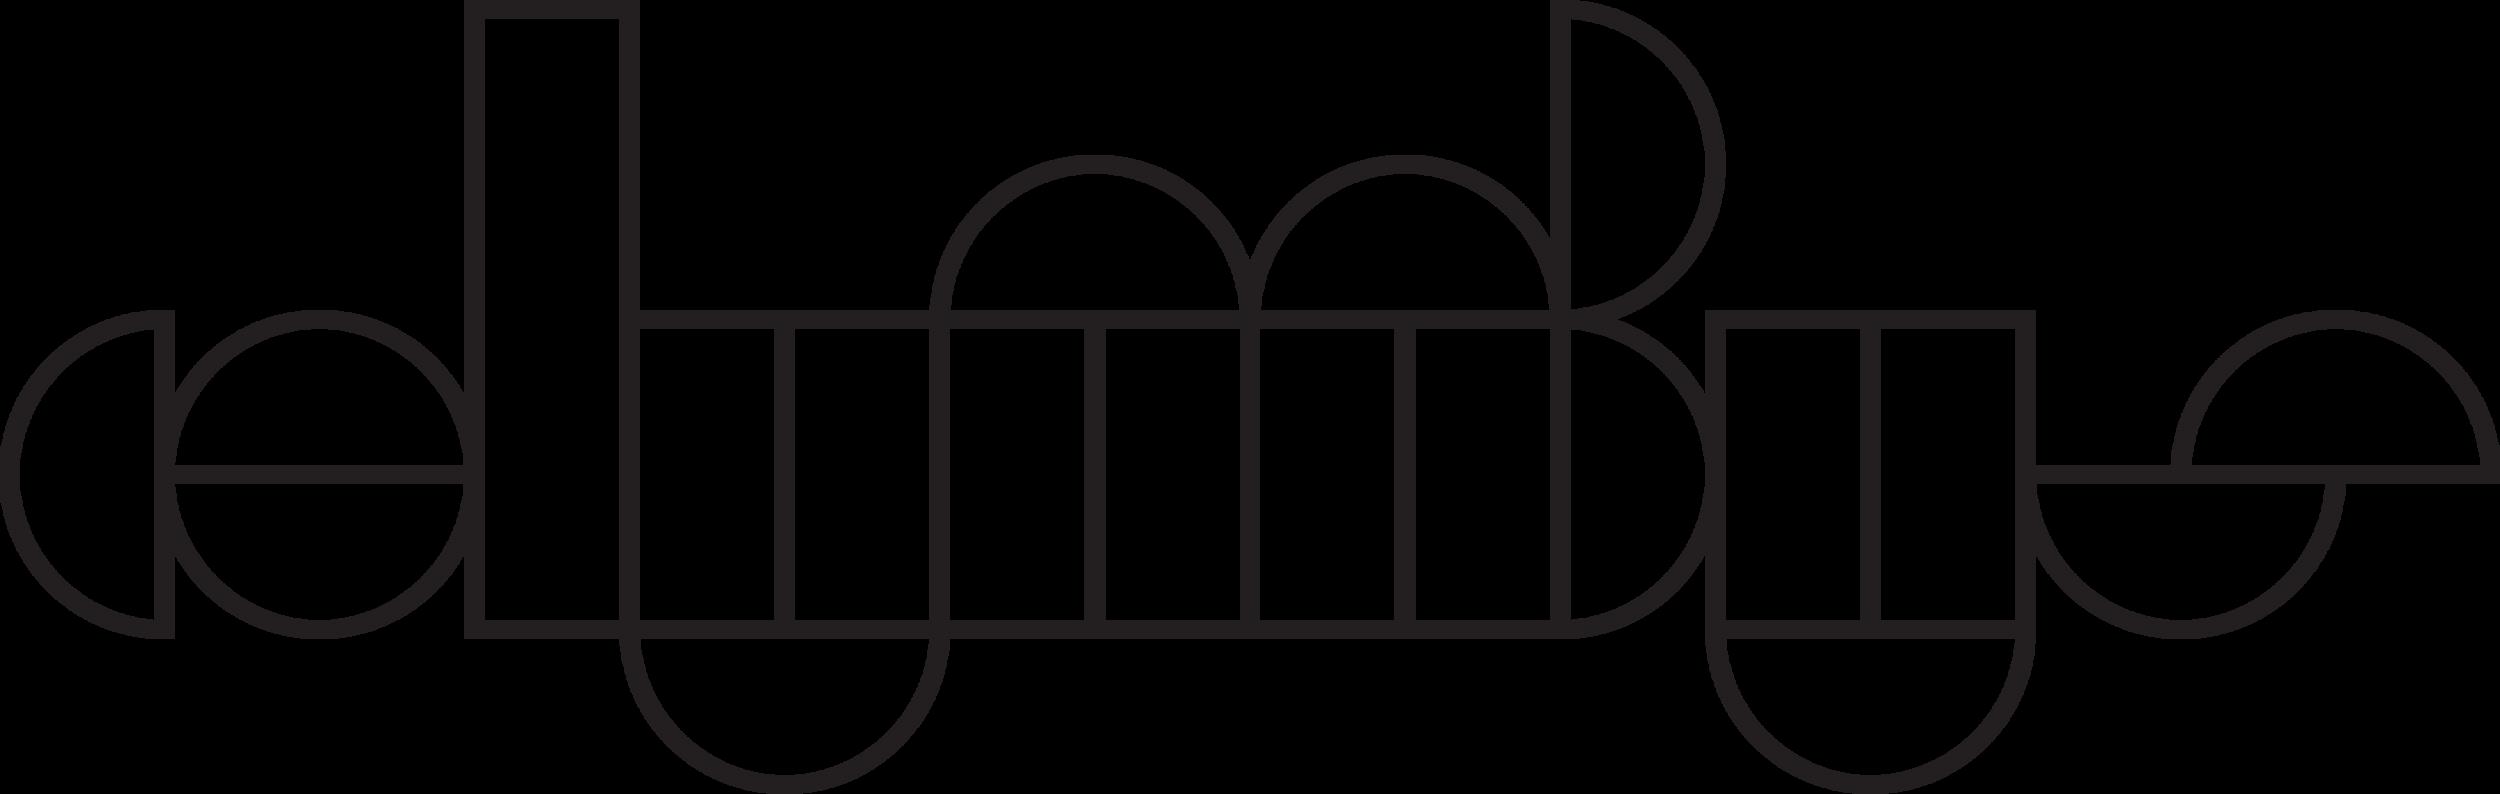 ec-logo-black-outline.png